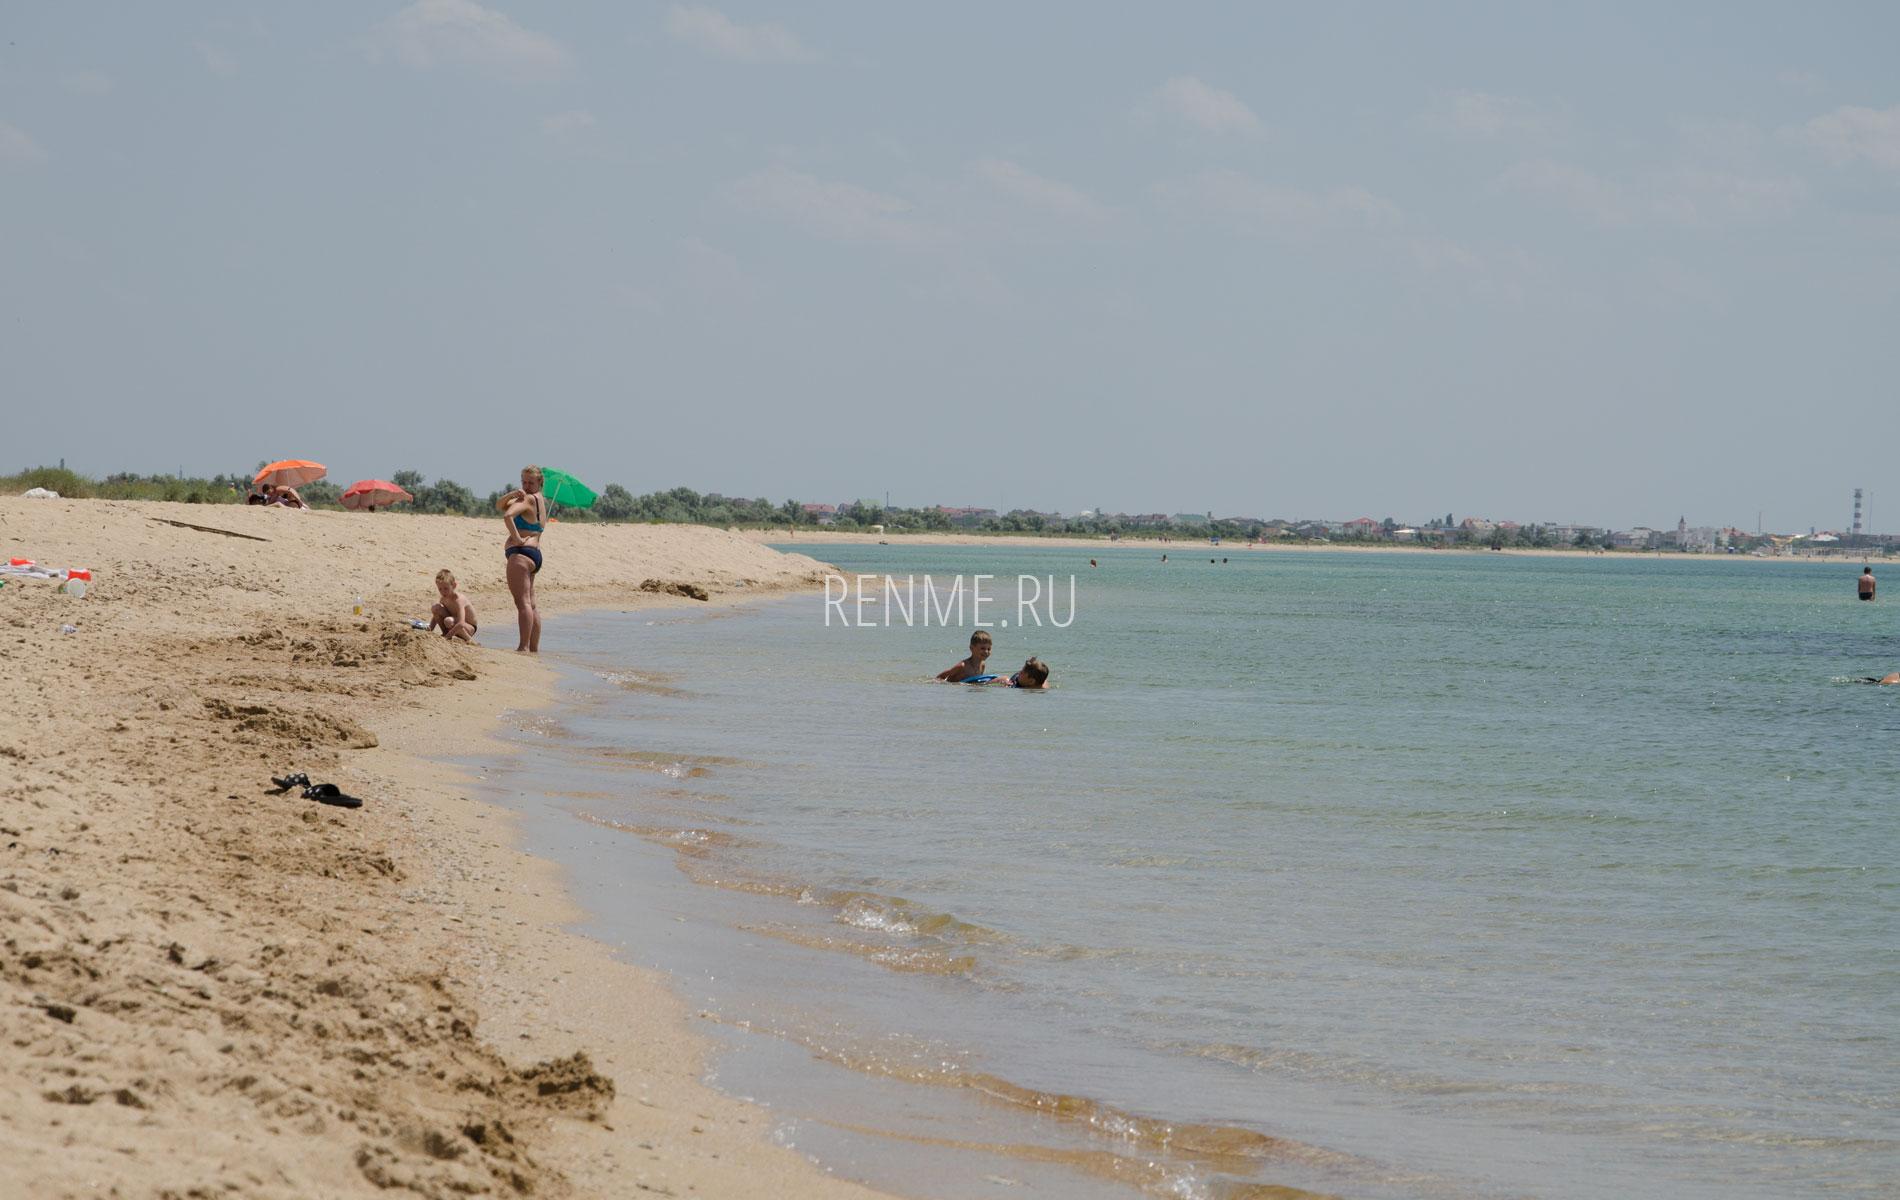 Дикий песчаный пляж в Молочном. Фото Молочного